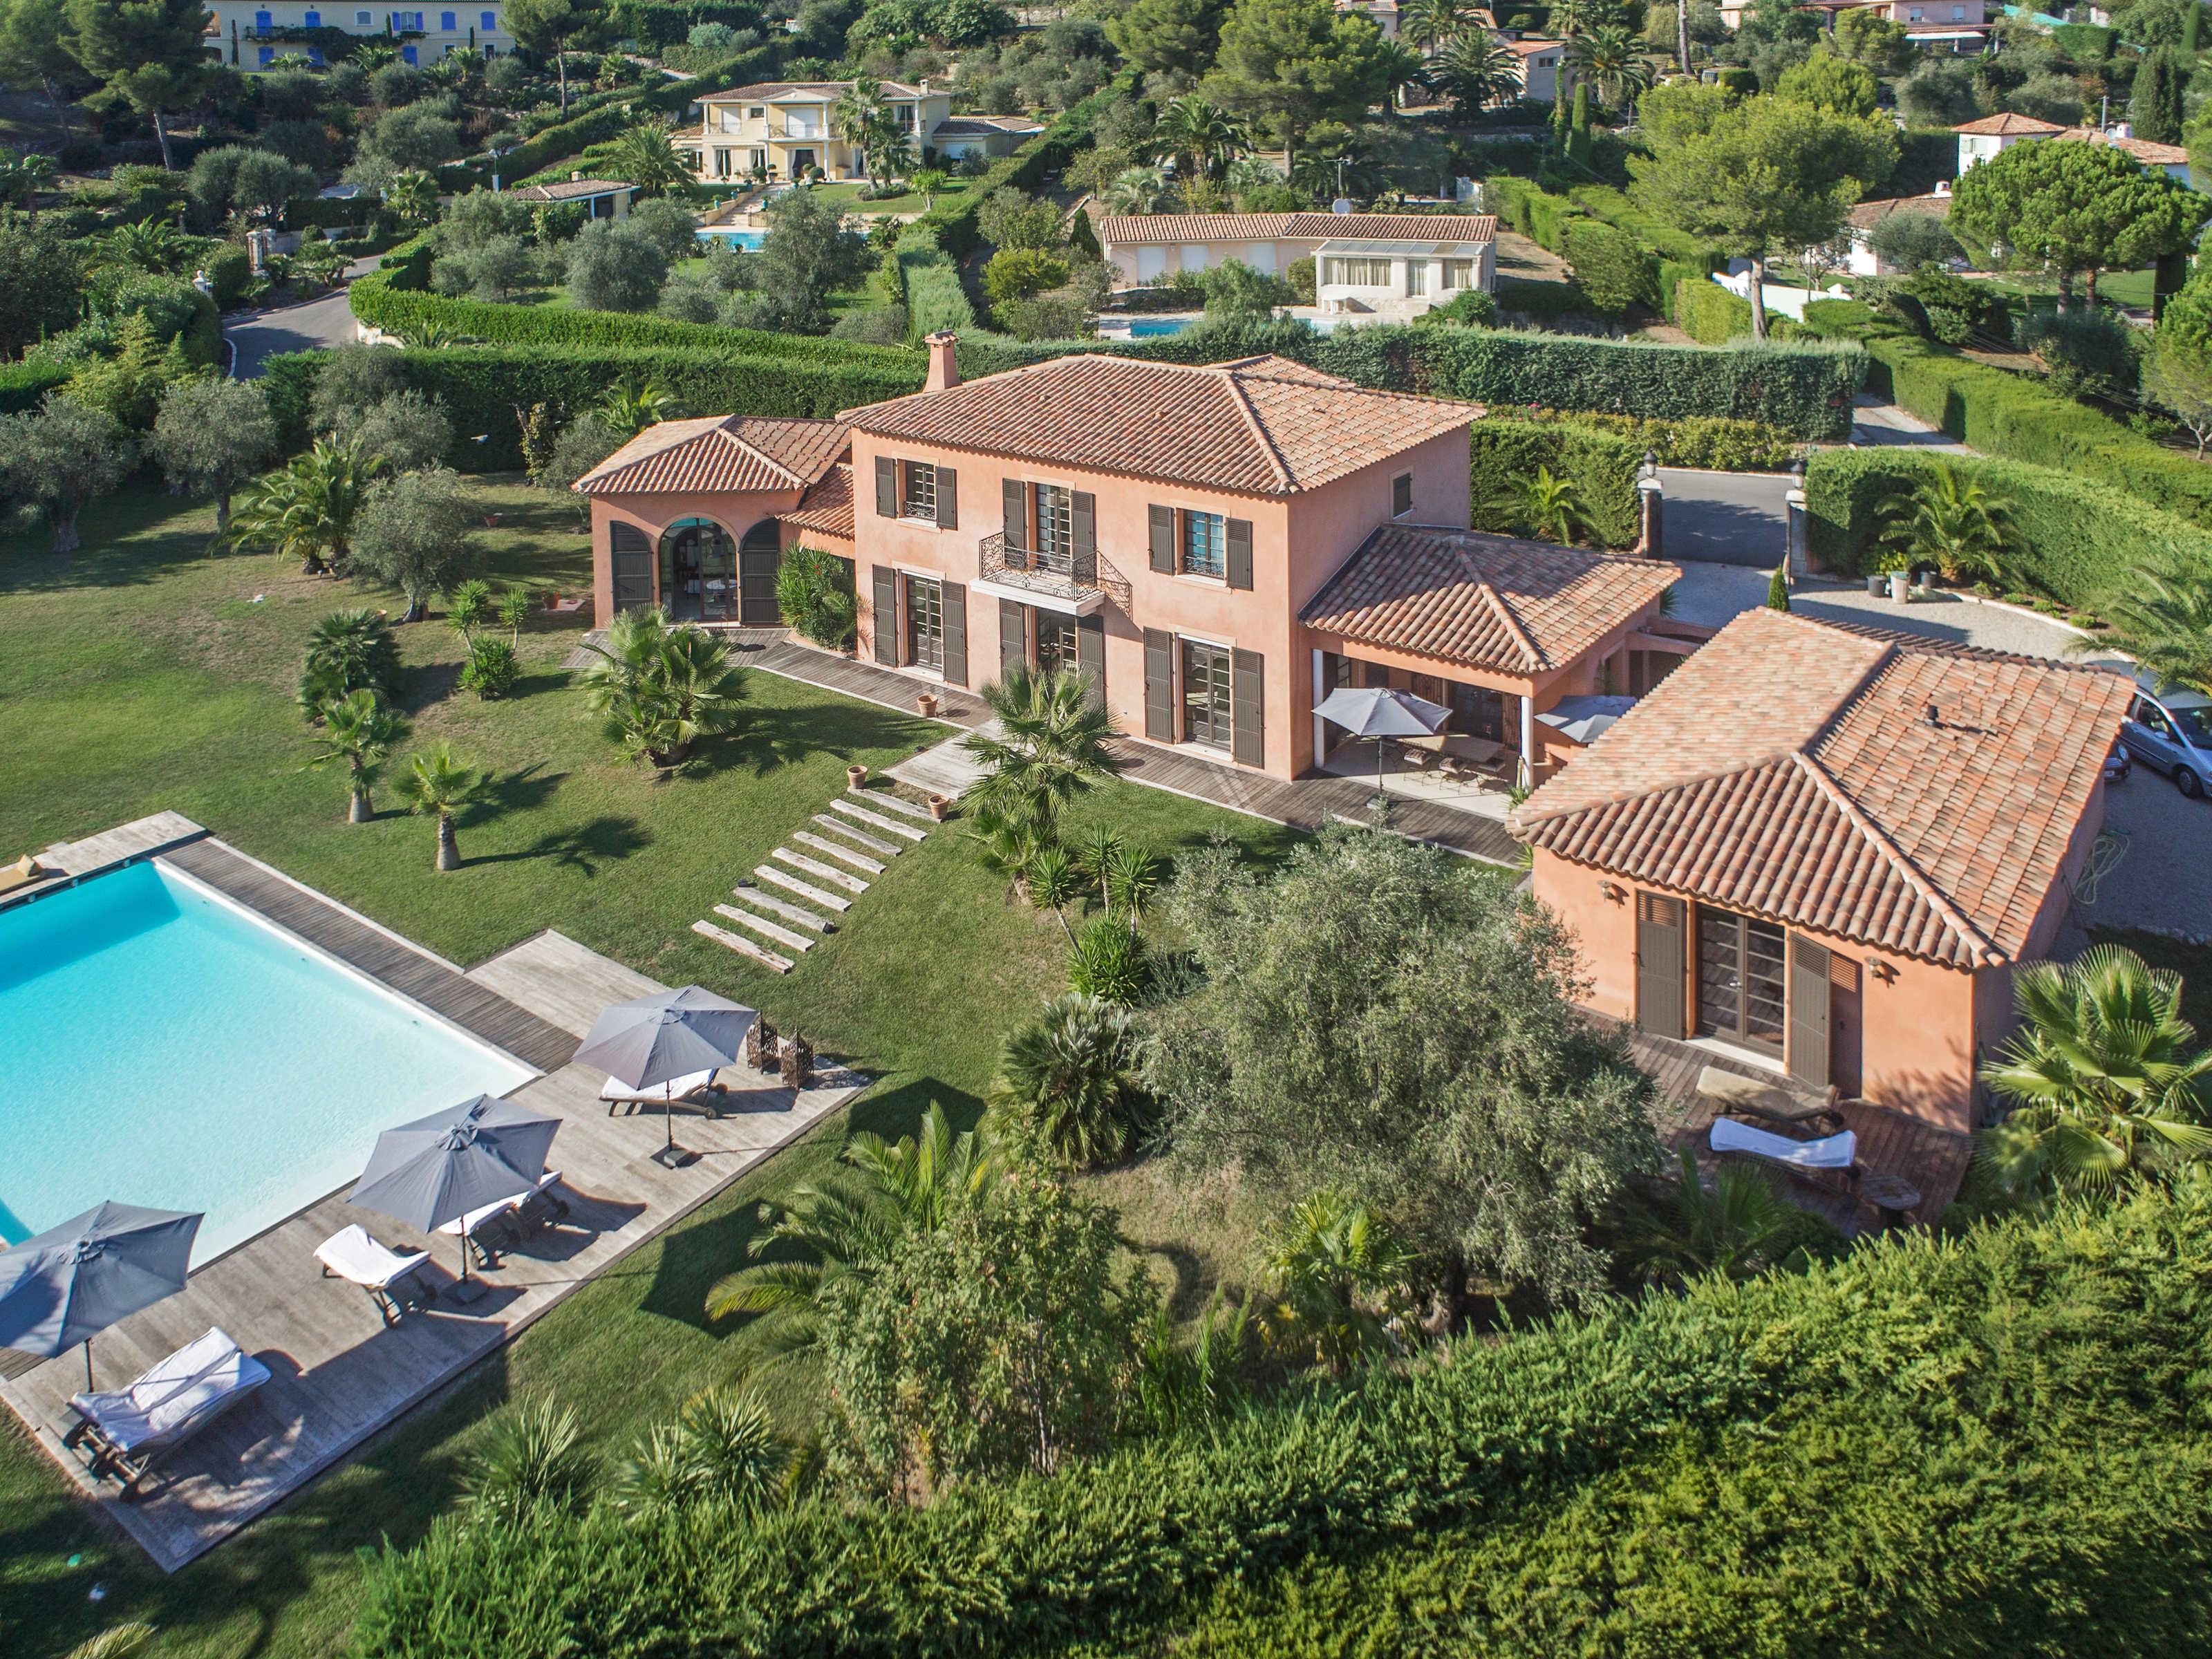 独户住宅 为 销售 在 Beautiful Family Home Mougins Mougins, 普罗旺斯阿尔卑斯蓝色海岸 06250 法国